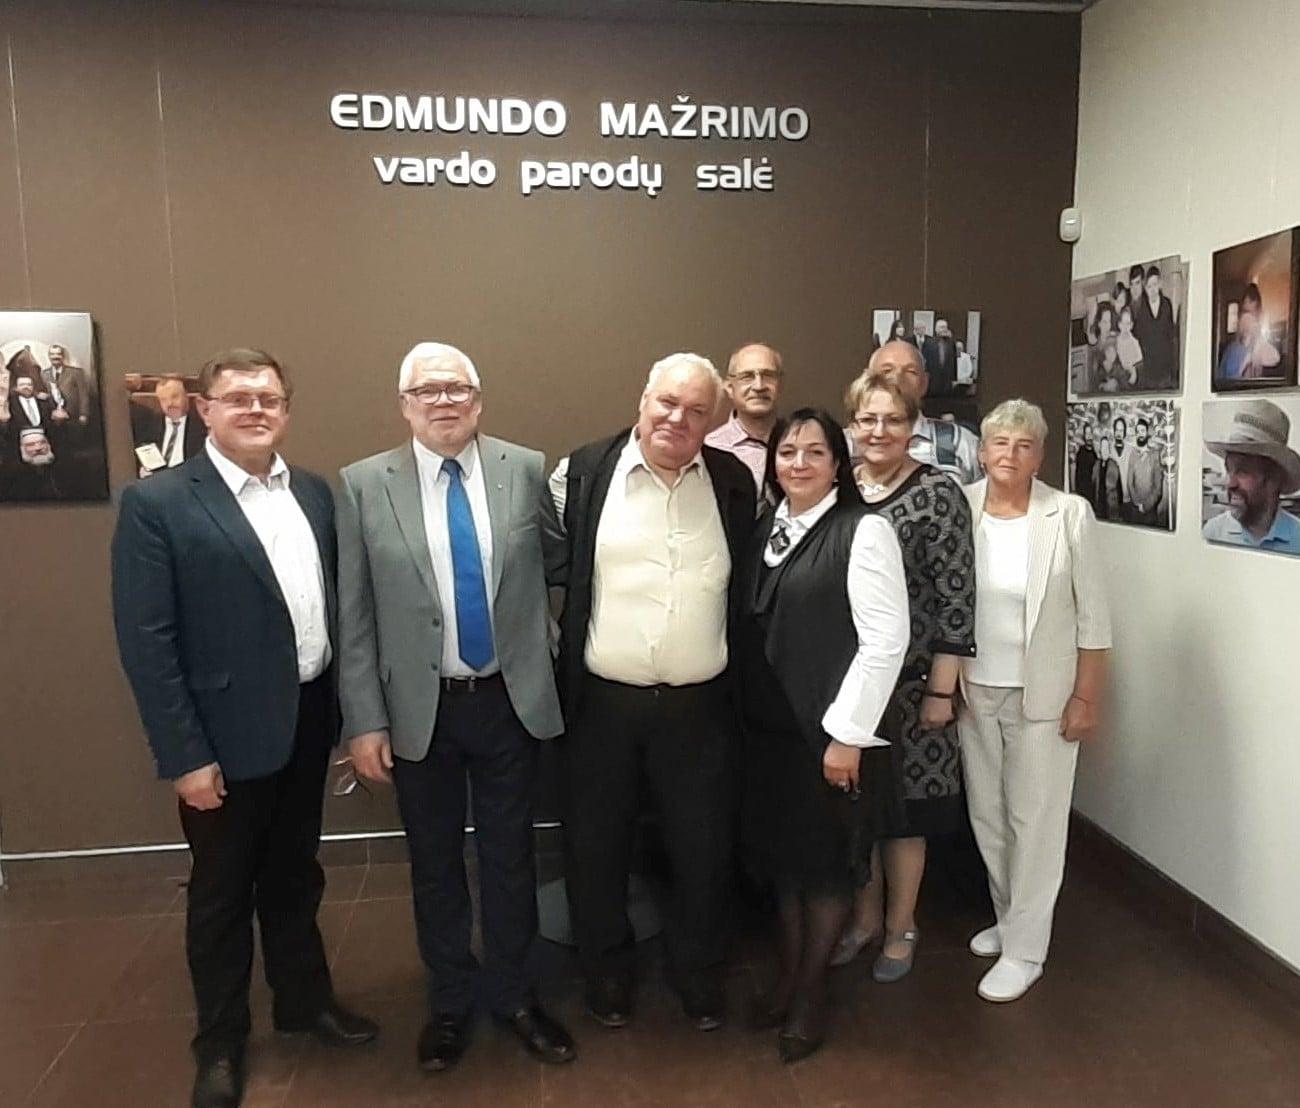 2021-09-11 (Ne)Tolima praeitis – vakaras Edmundui Mažrimui atminti